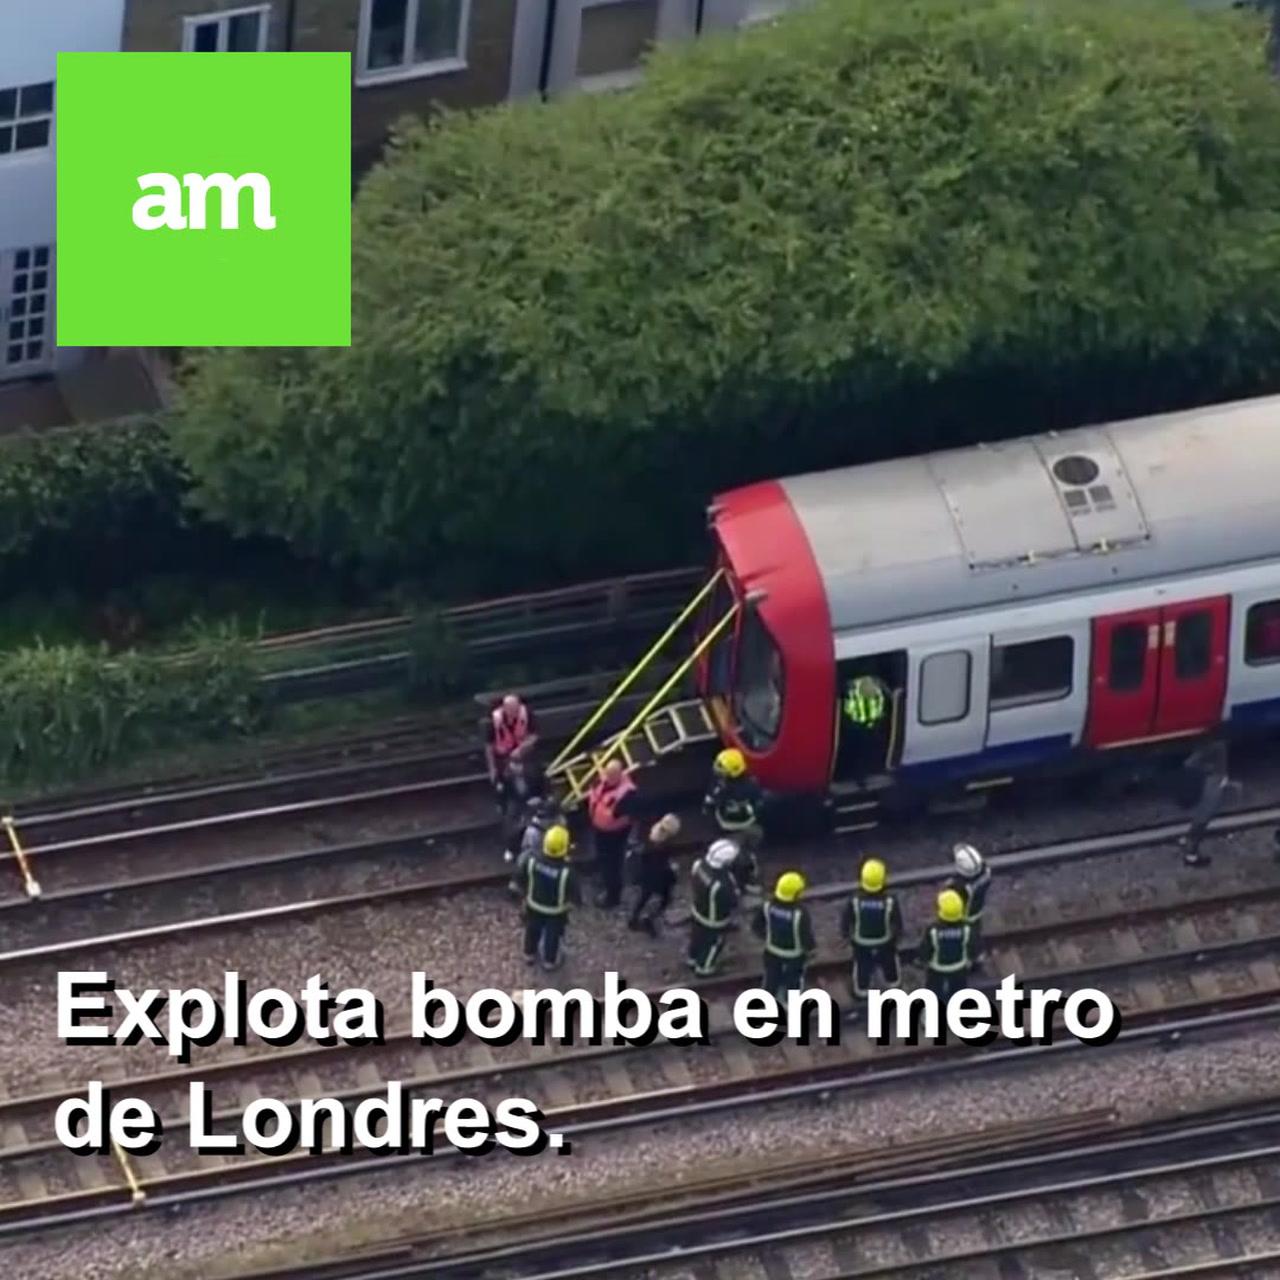 Explota bomba en metro de Londres